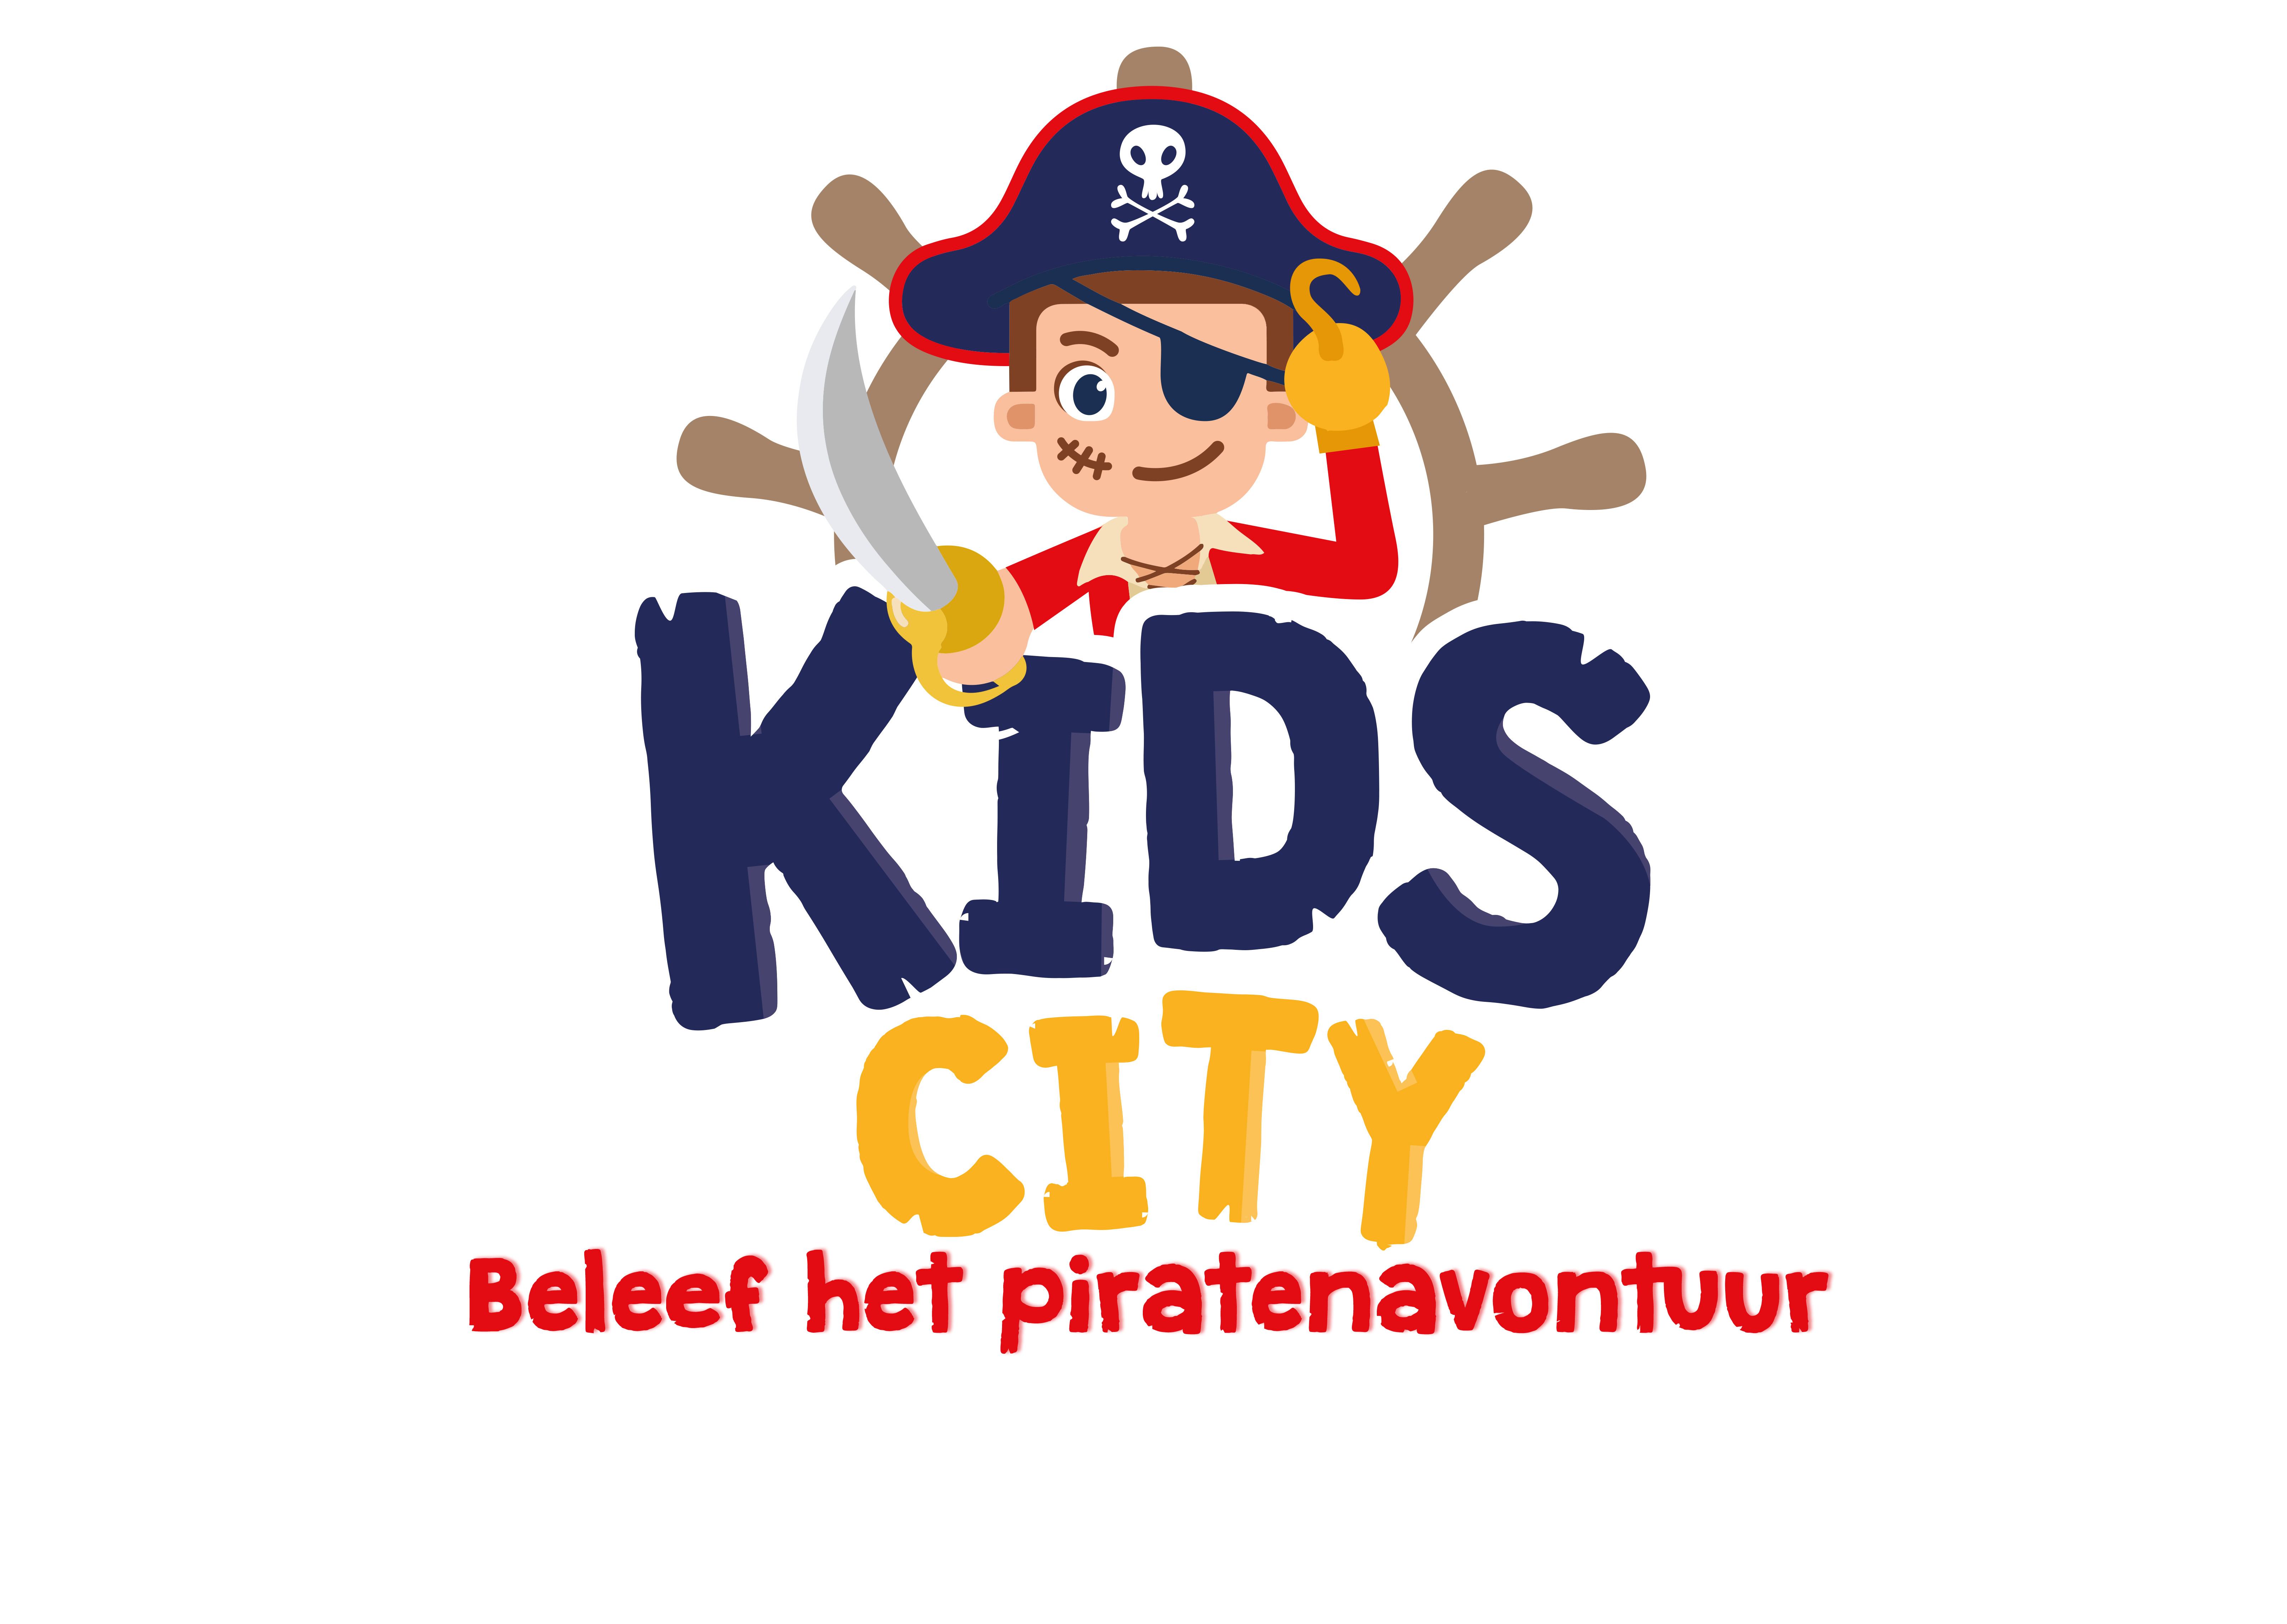 Kids City Borne